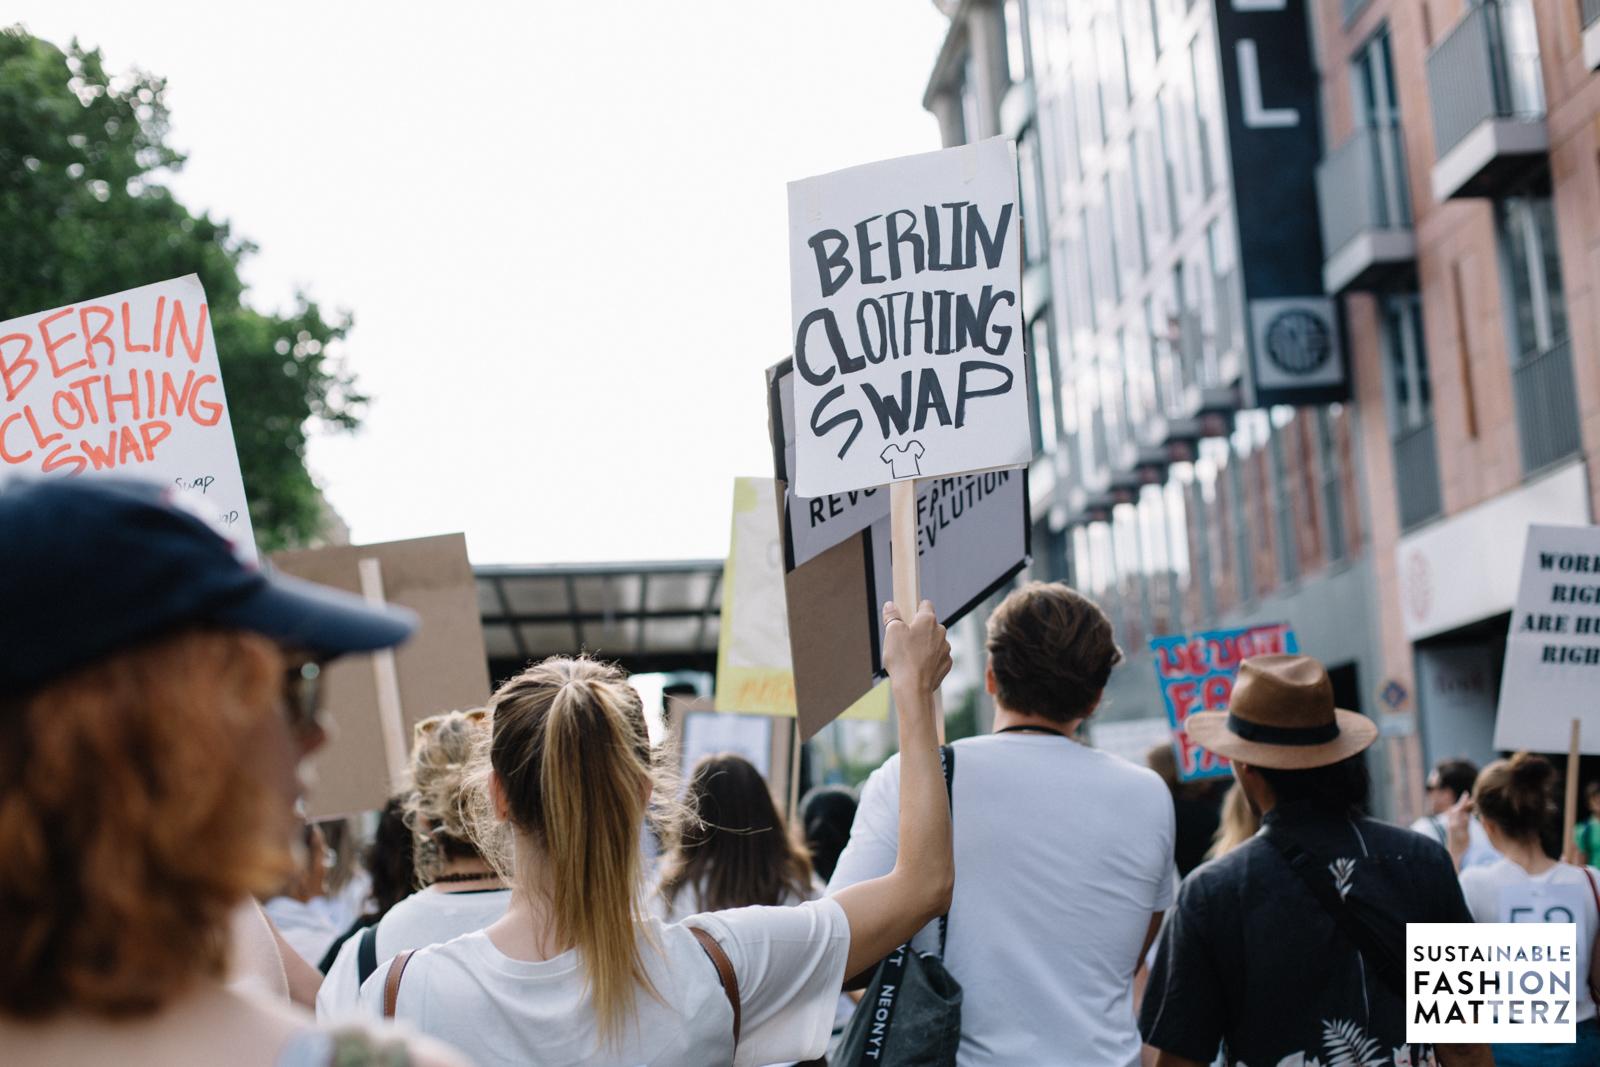 fashion-revolution-berlin-2019-68.jpg